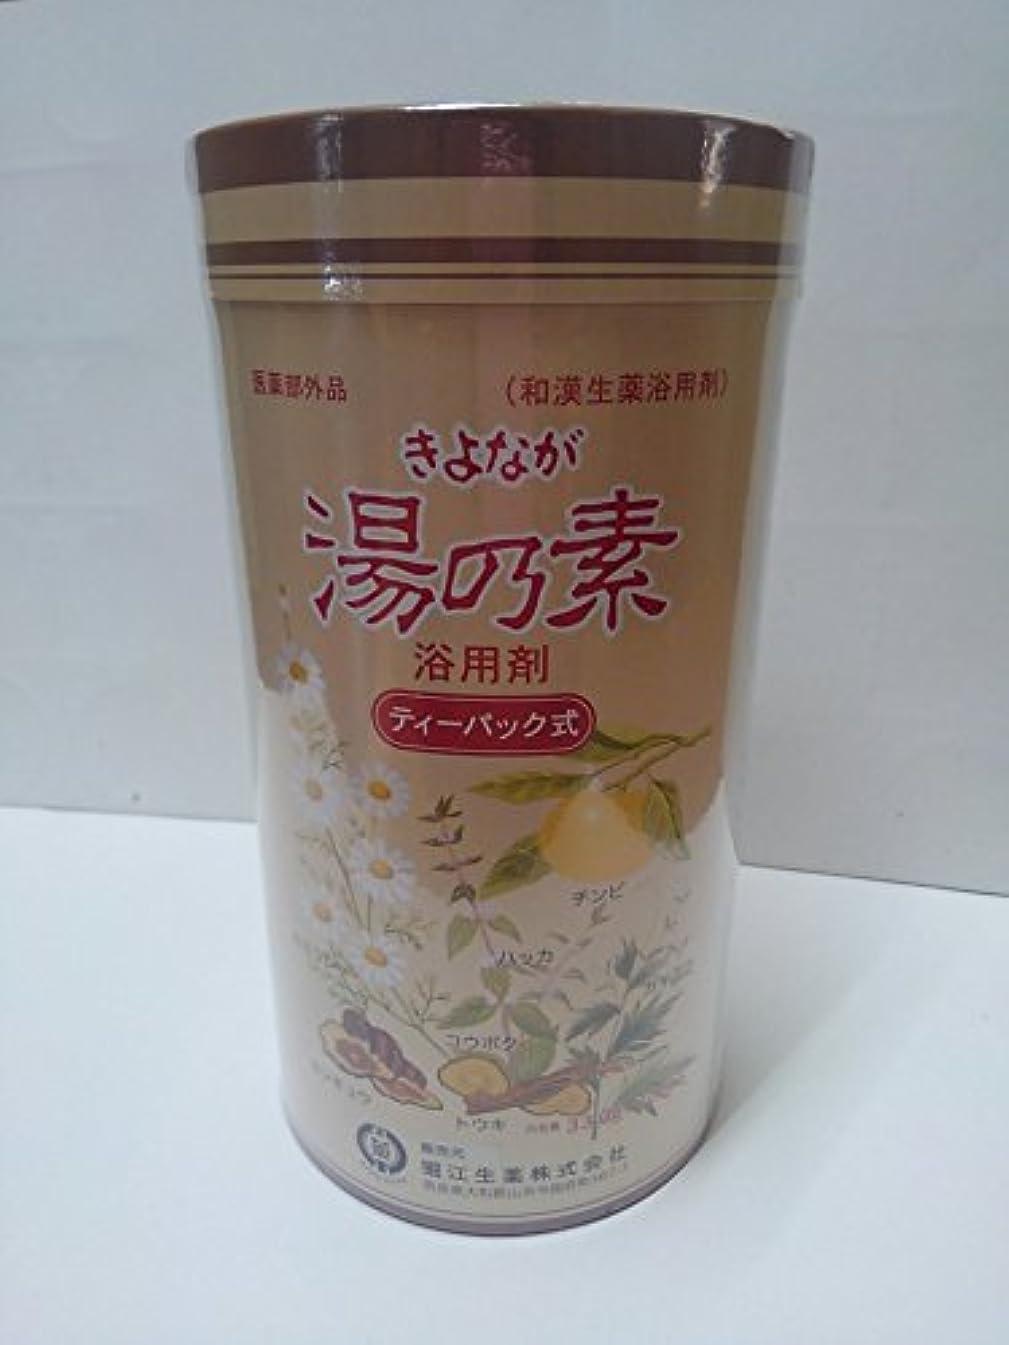 食事効能どこか和漢生薬配合浴用剤 きよなが 「湯の素」 (テ?ーパック式)